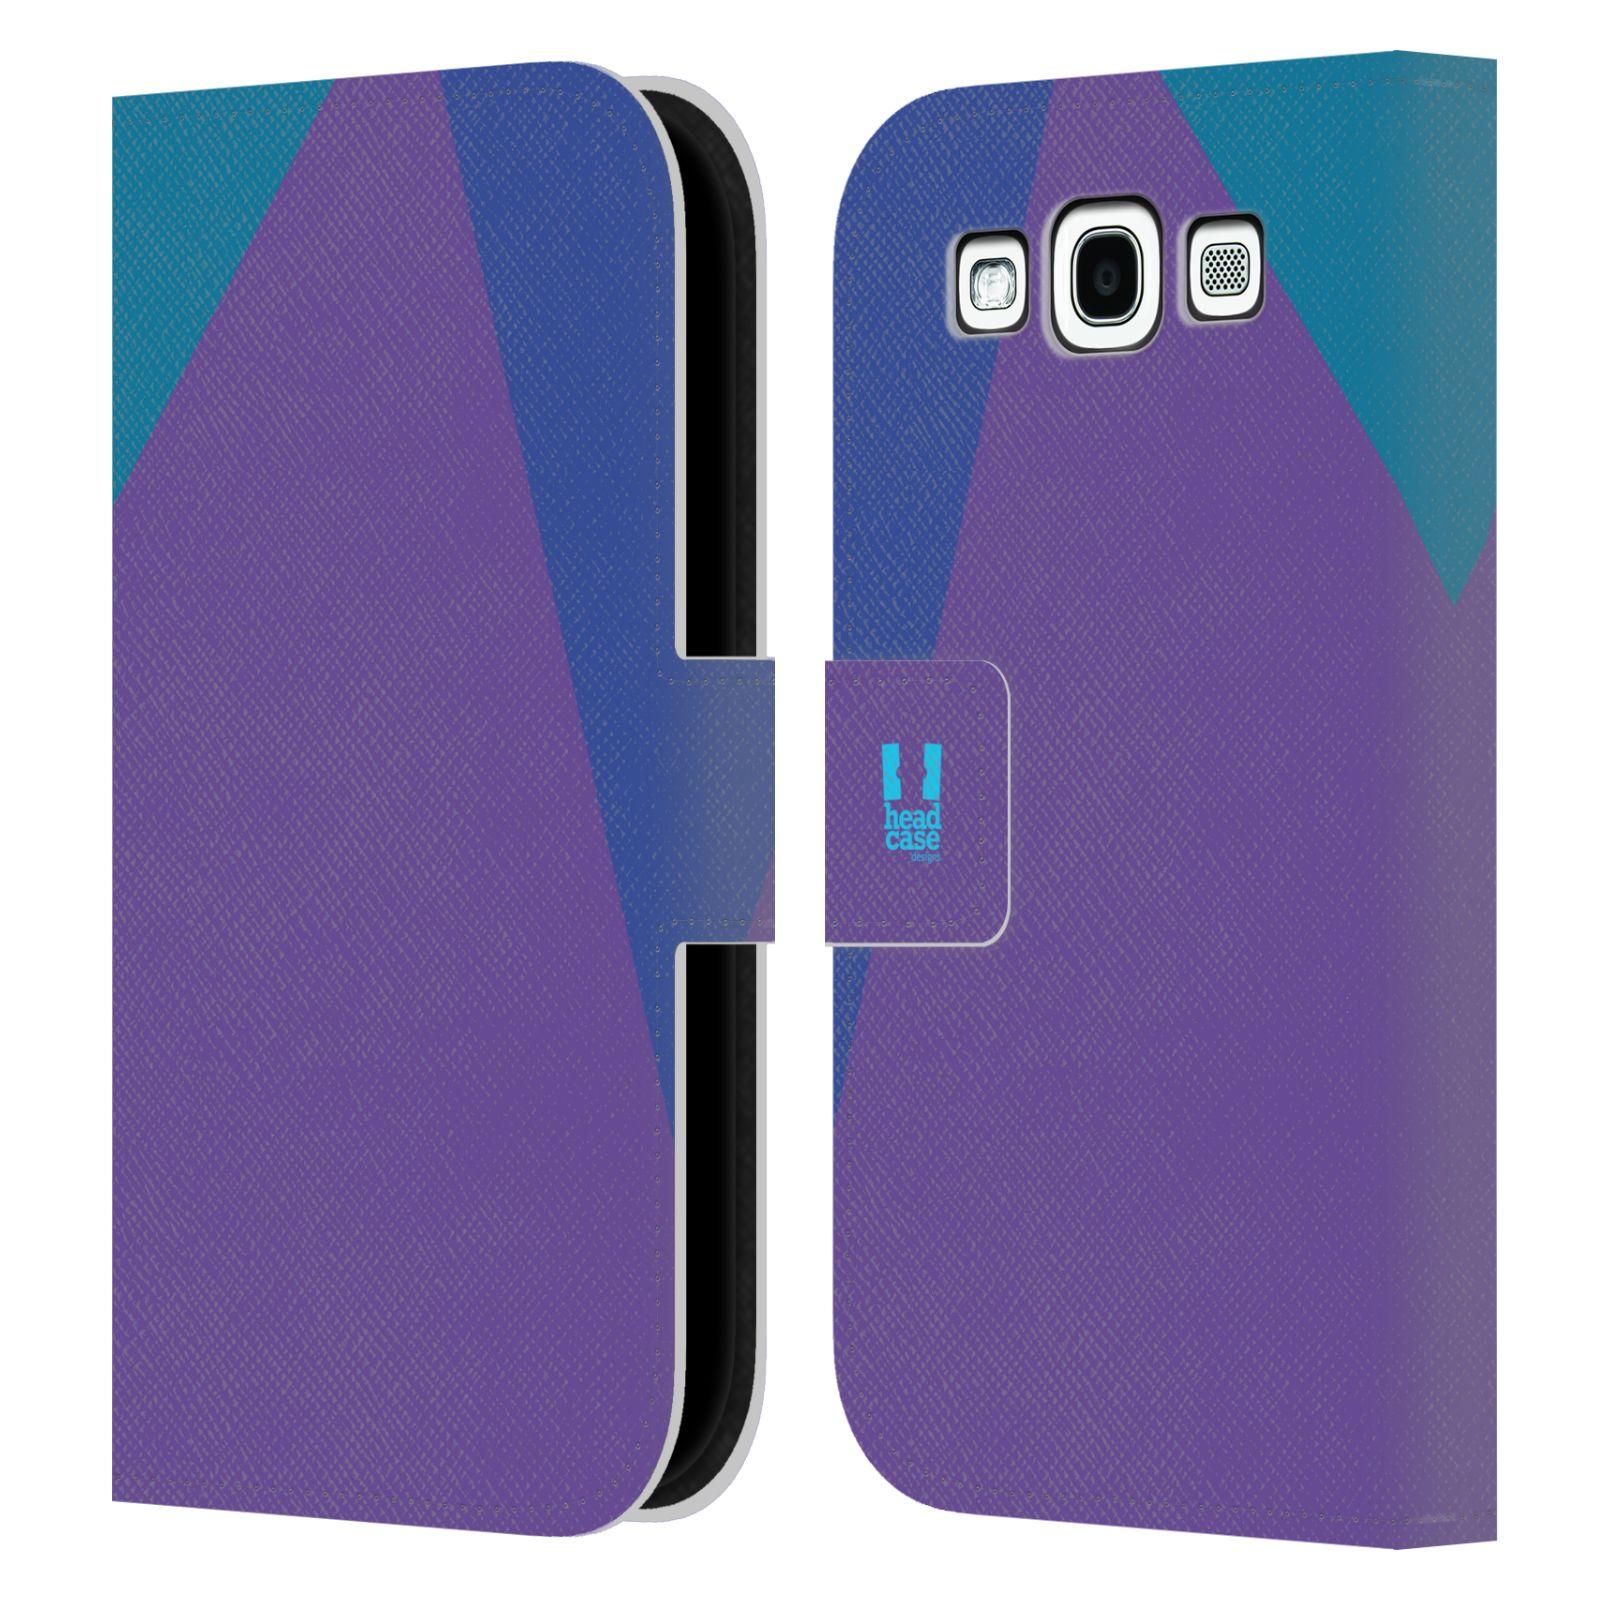 HEAD CASE Flipové pouzdro pro mobil Samsung Galaxy S3 I9300 barevné tvary fialová feminine